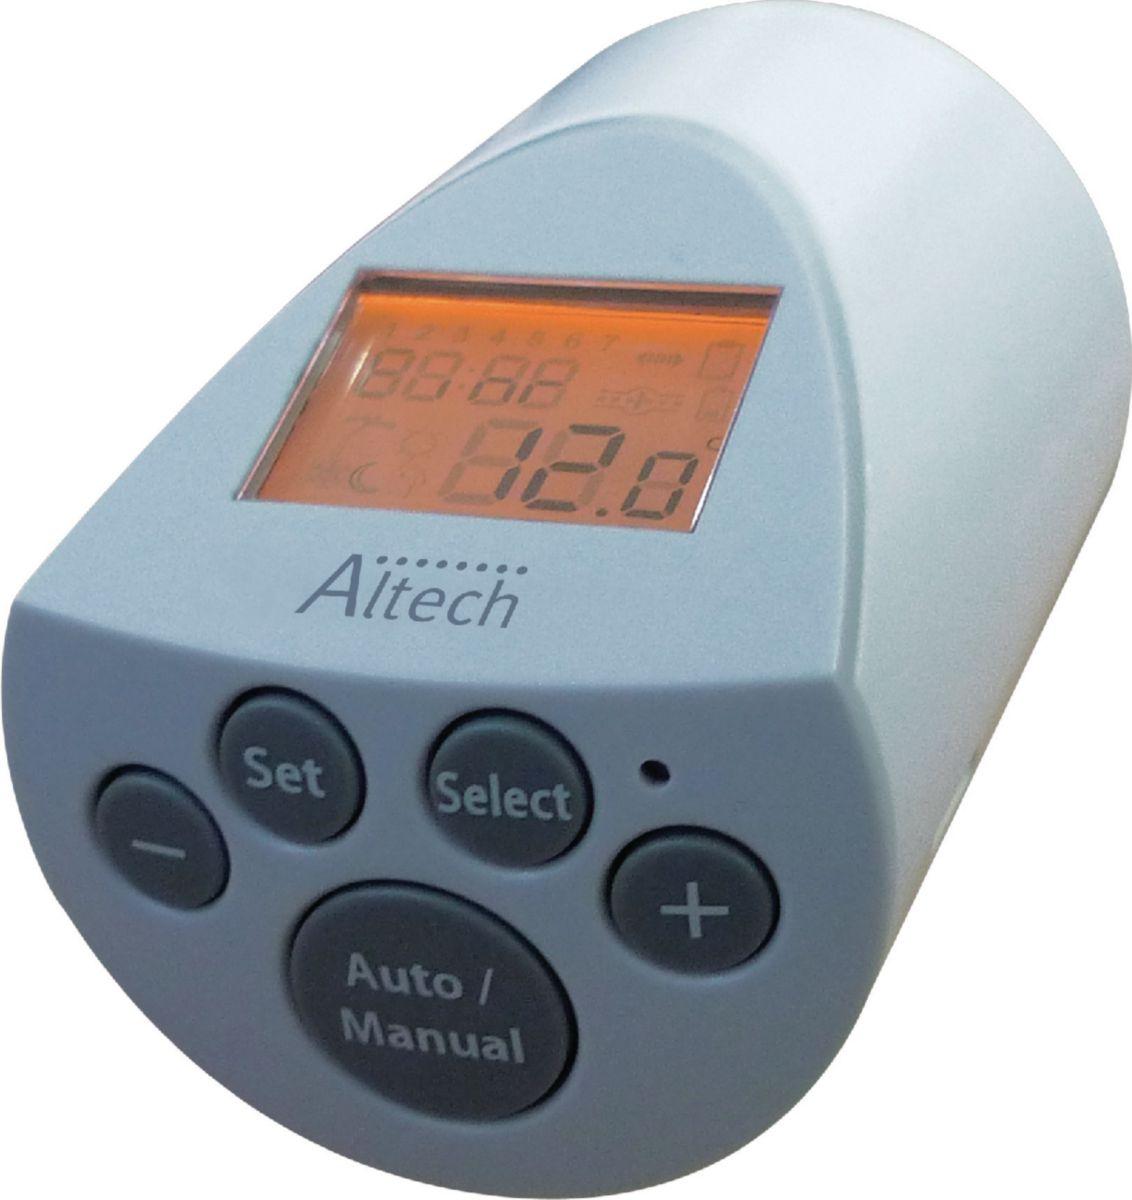 tête thermostatique électronique programmable réf althc060 ... - Robinet Thermostatique Pour Radiateur Fonte